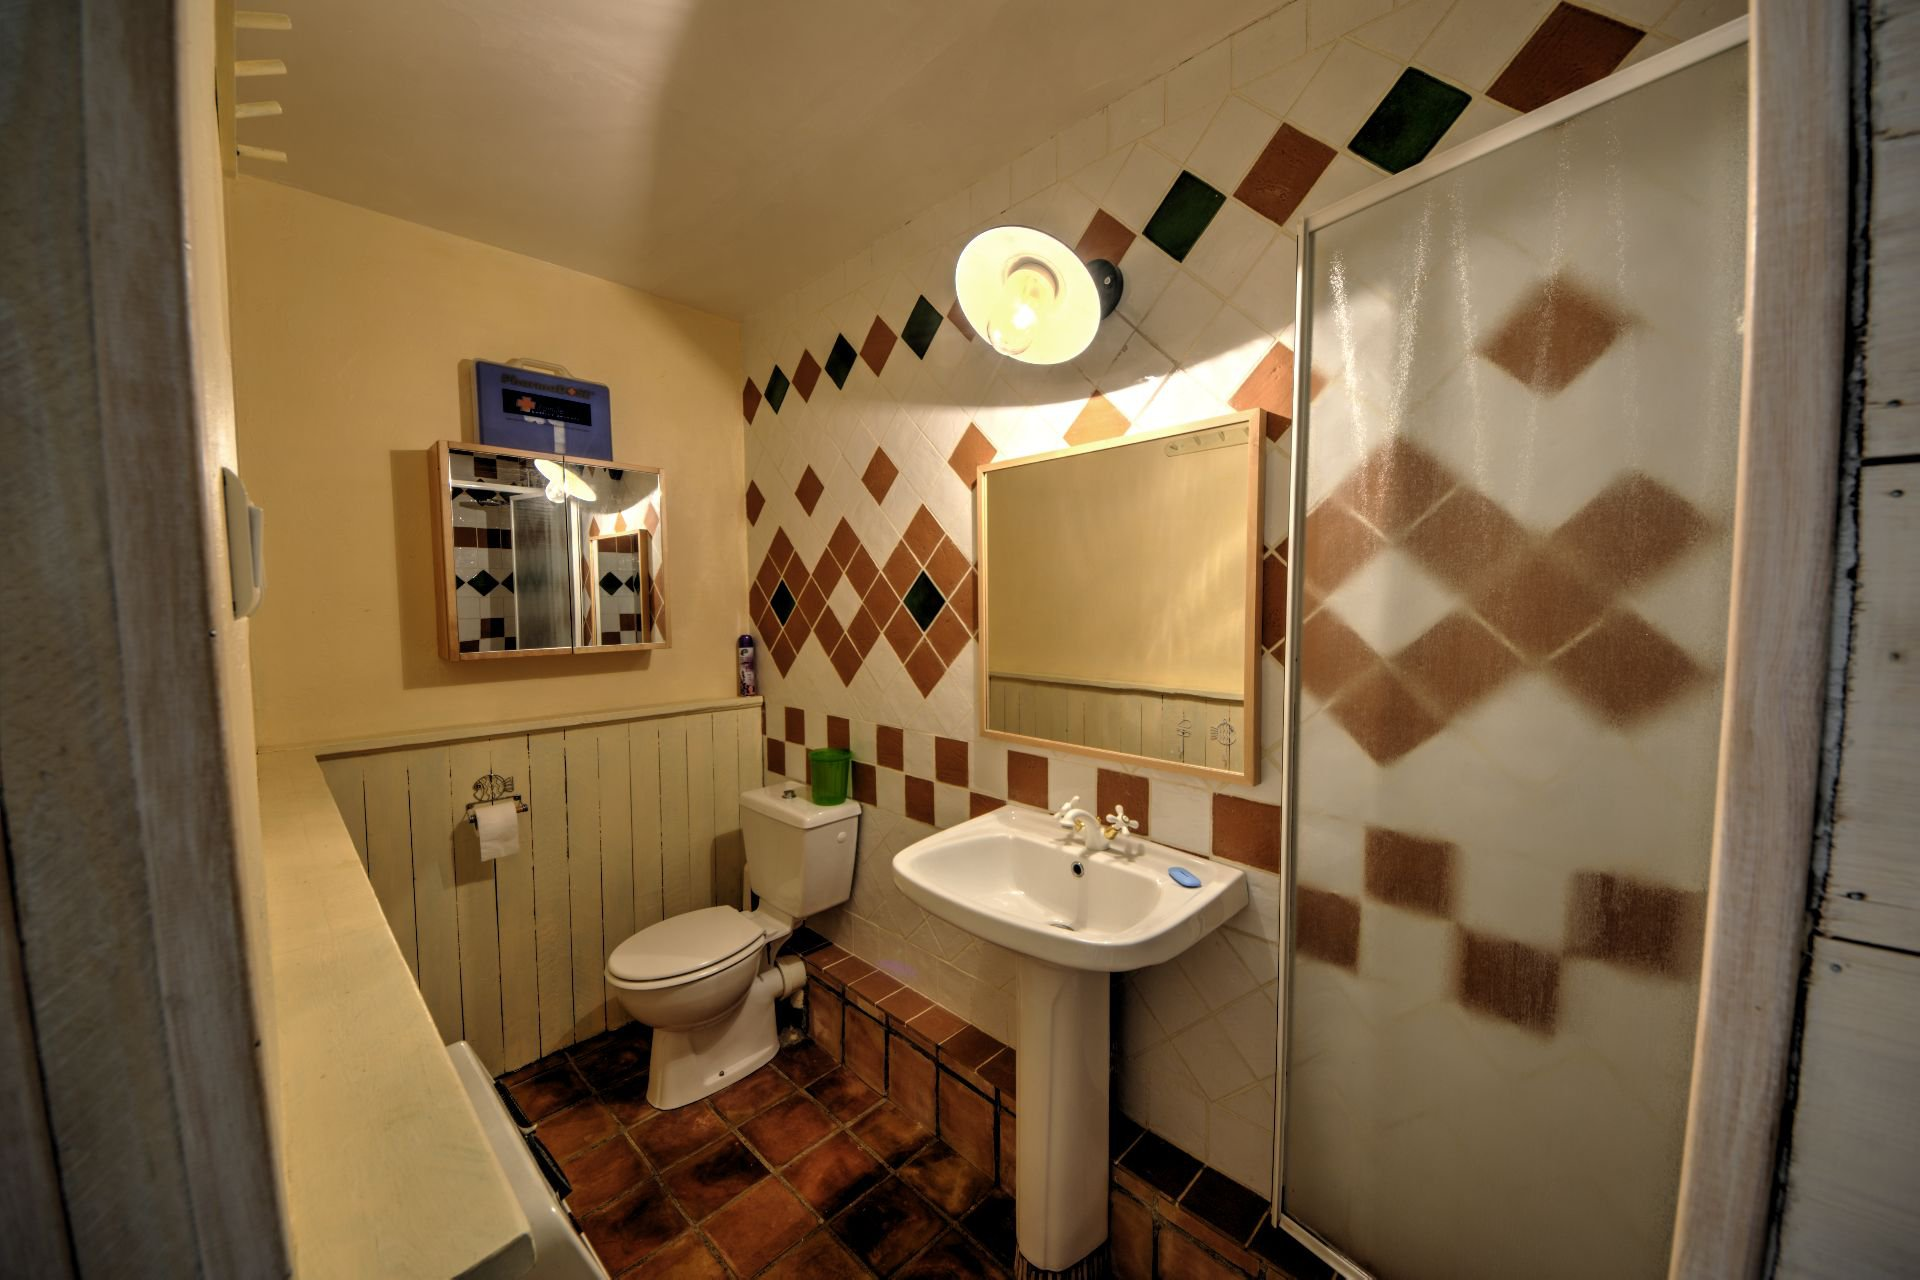 Salle de douche rdc de Maison à ossature bois HPE, 180 m², 5 ch, piscine, Aups, Var, Provence, Paca